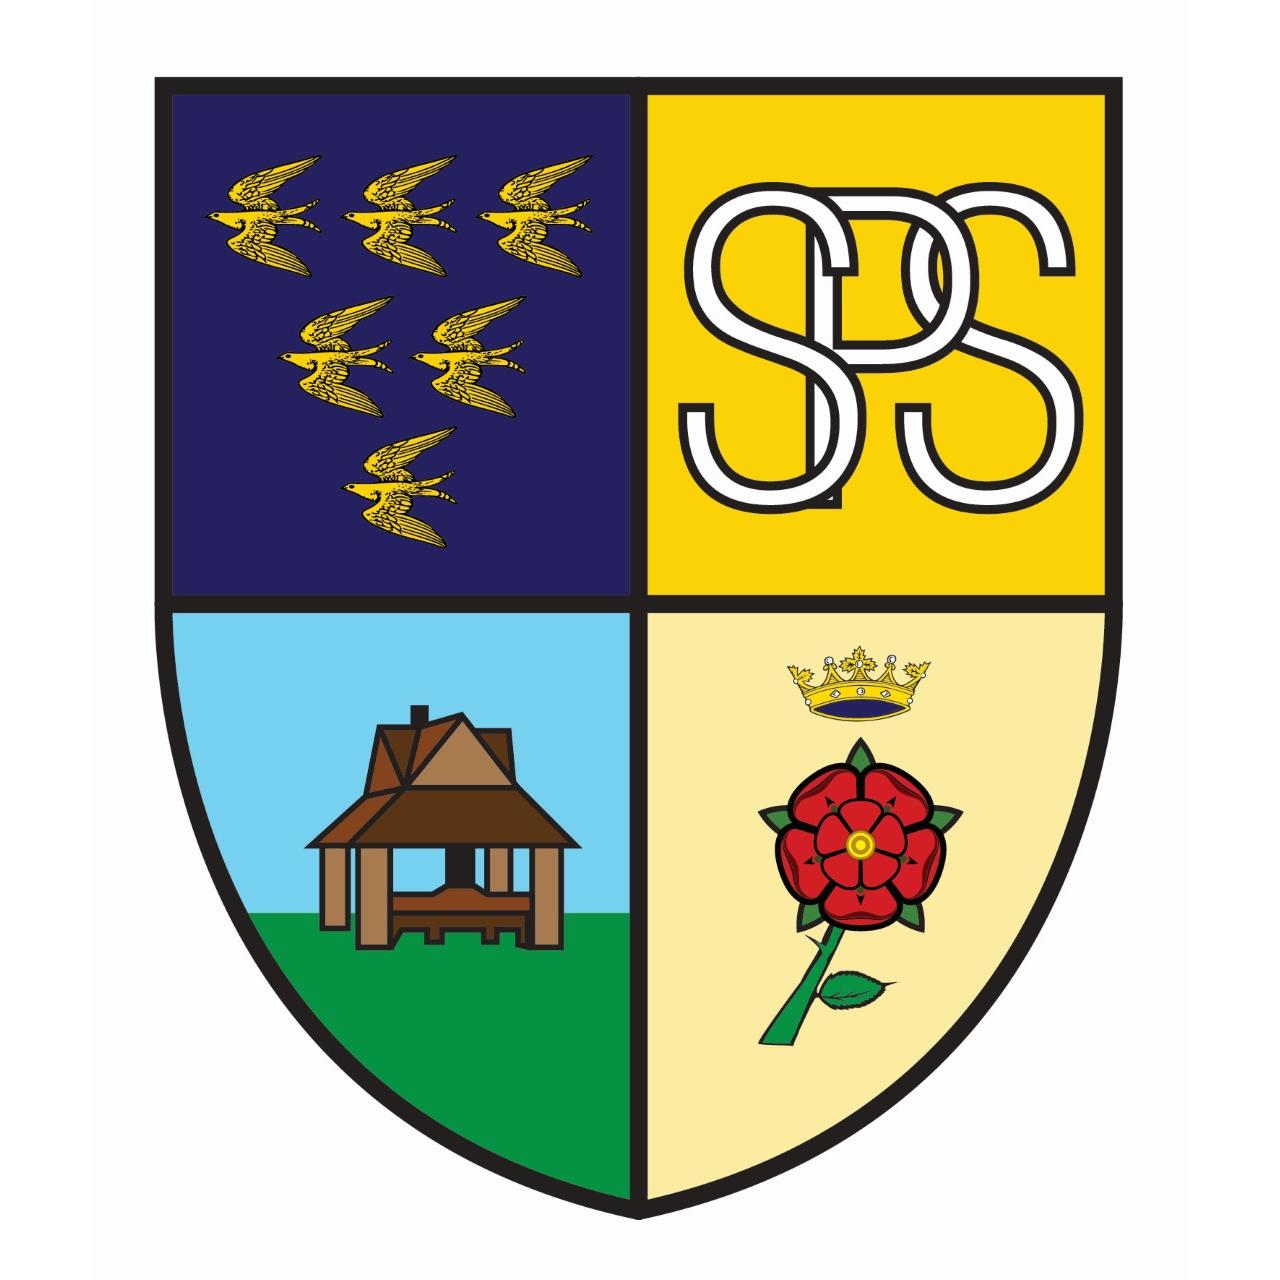 Sedlescombe School PTA